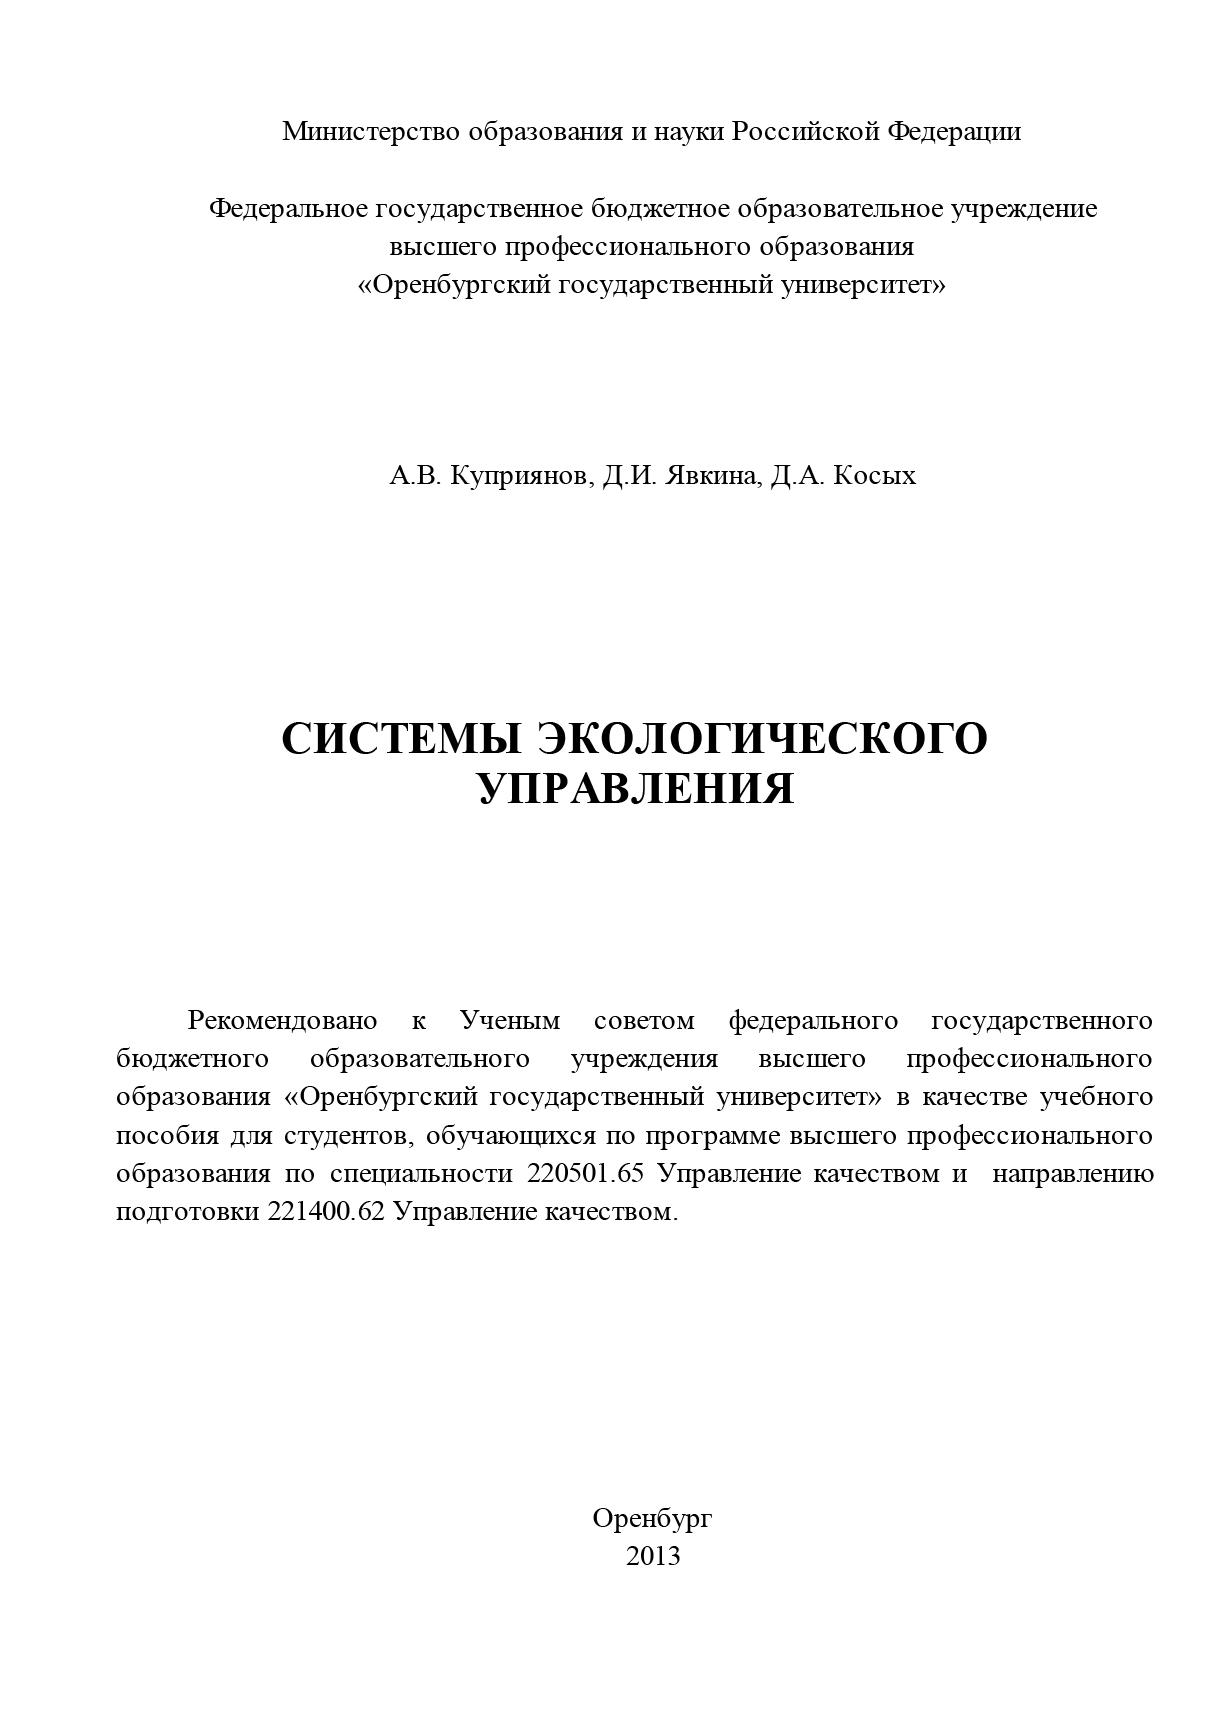 Обложка книги. Автор - Дмитрий Косых